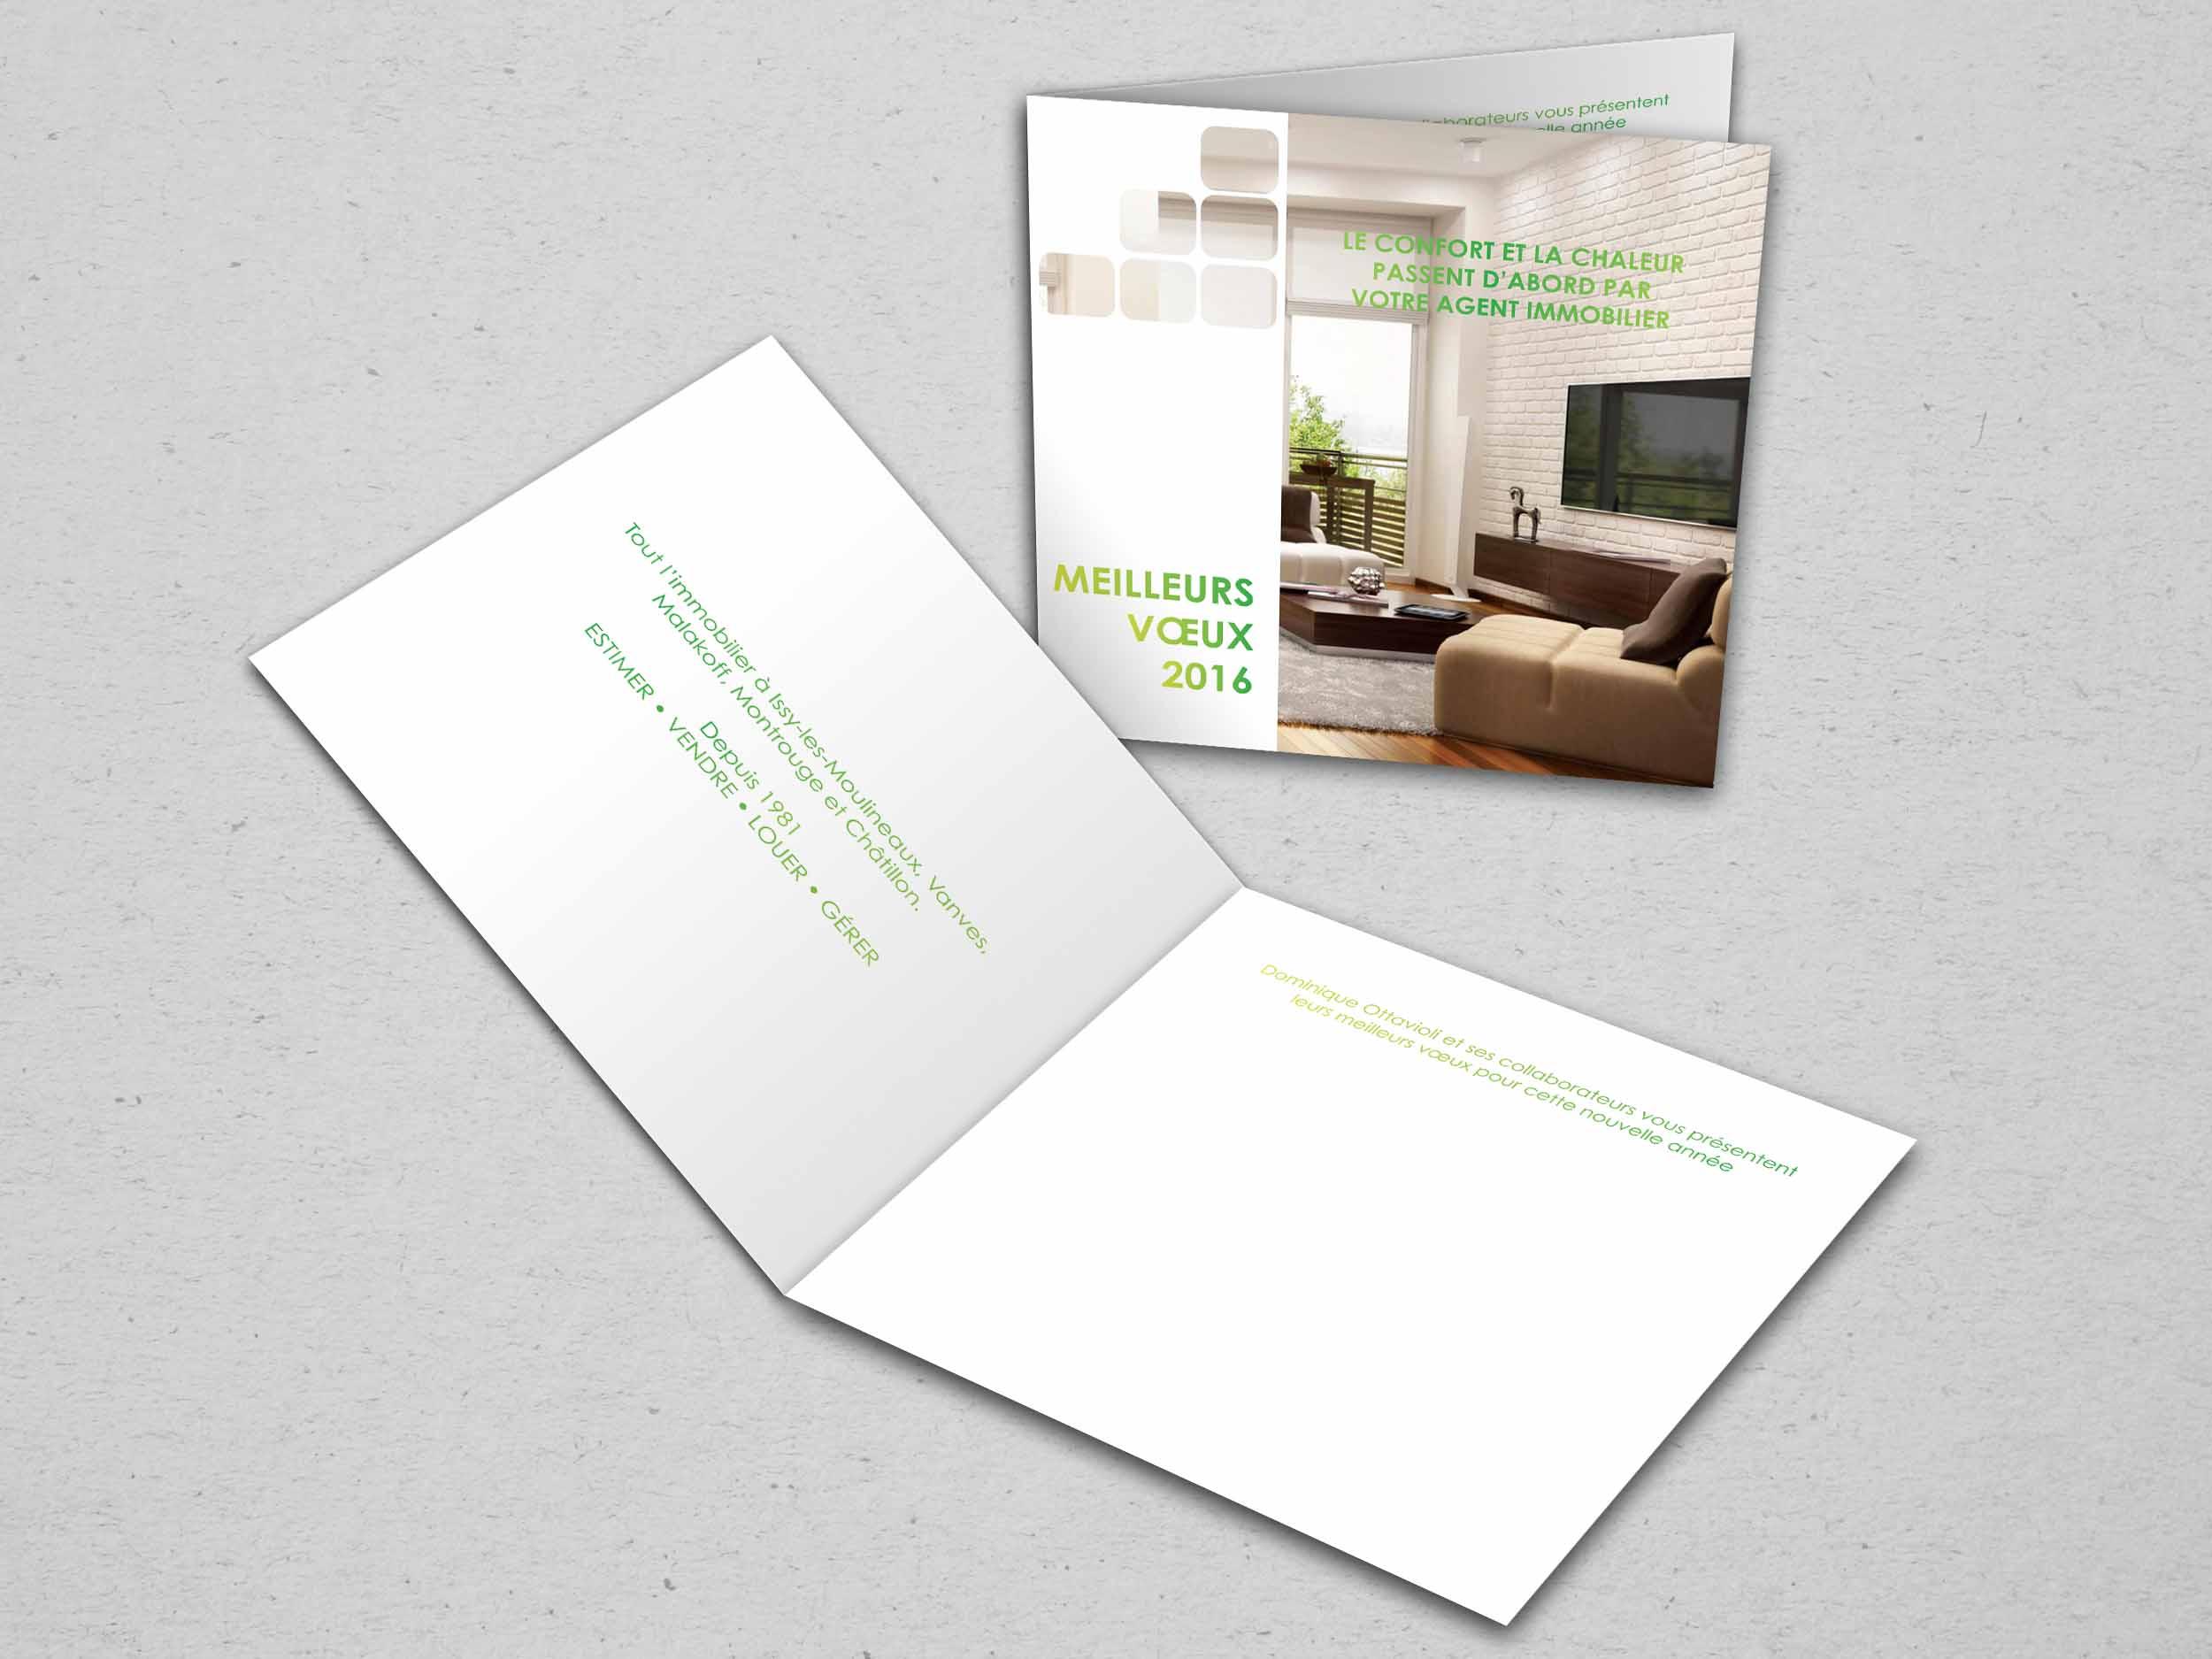 communication visuelle et production audiovisuelle, carte de voeux professionnelle, sabine immobilier, agence immobilière, cartes de voeux entreprises